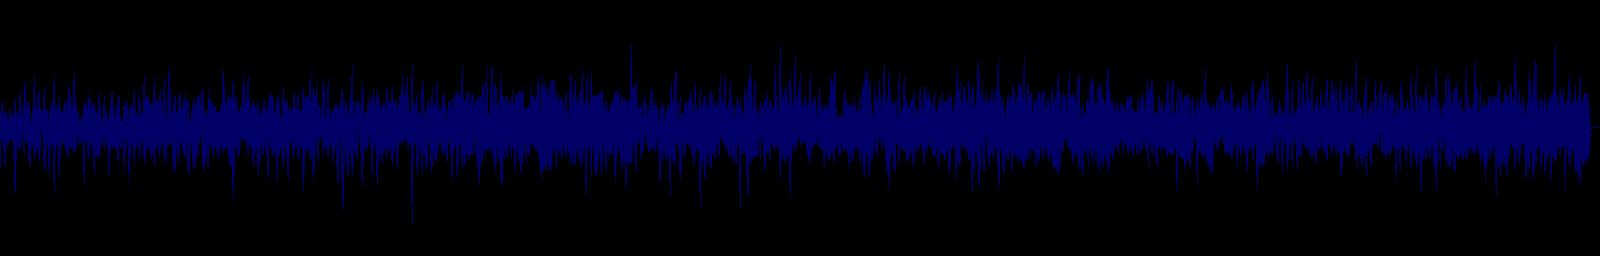 waveform of track #108215